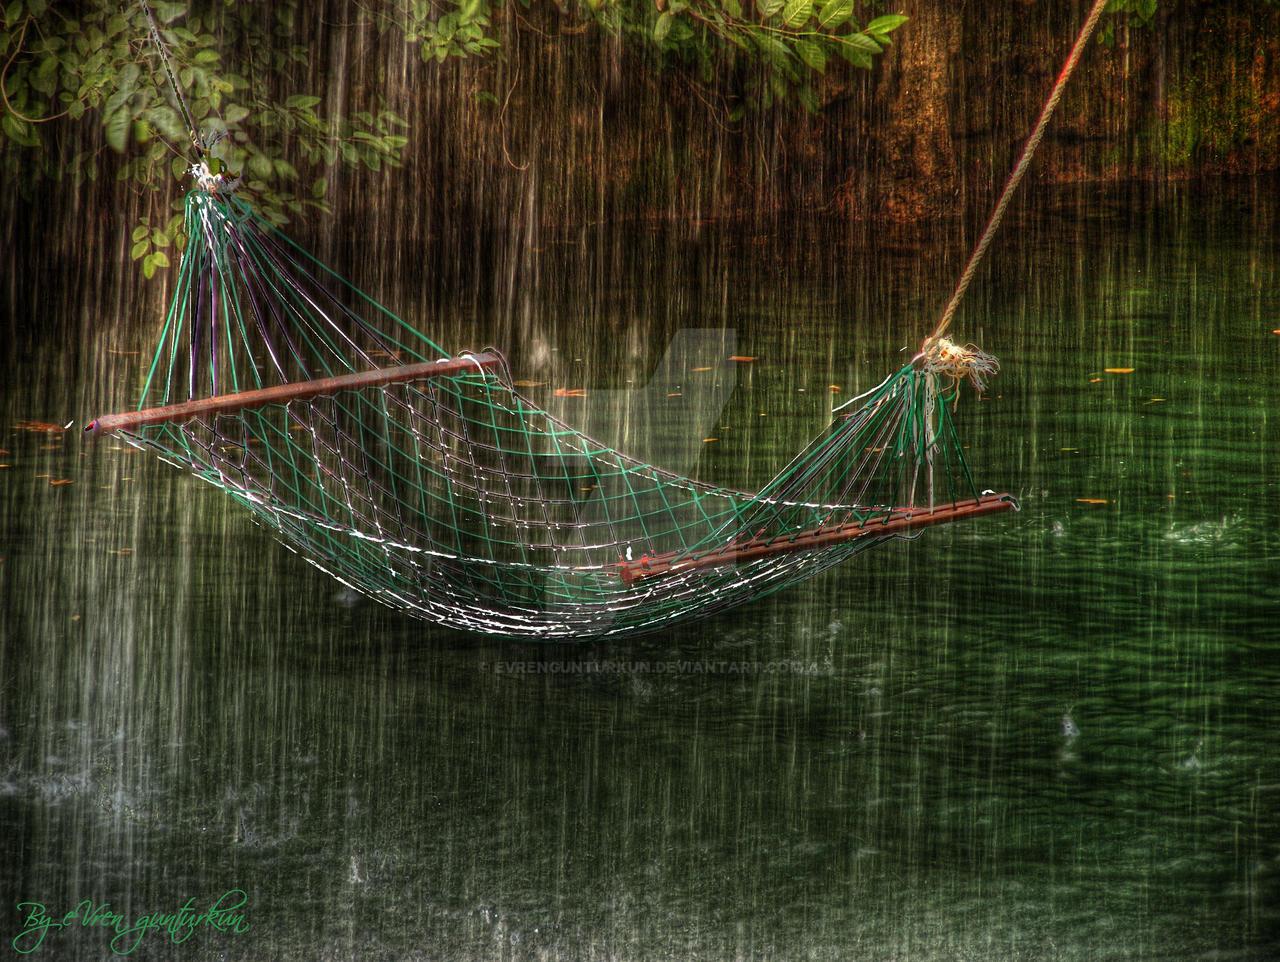 Rest in Rain HDR by evrengunturkun